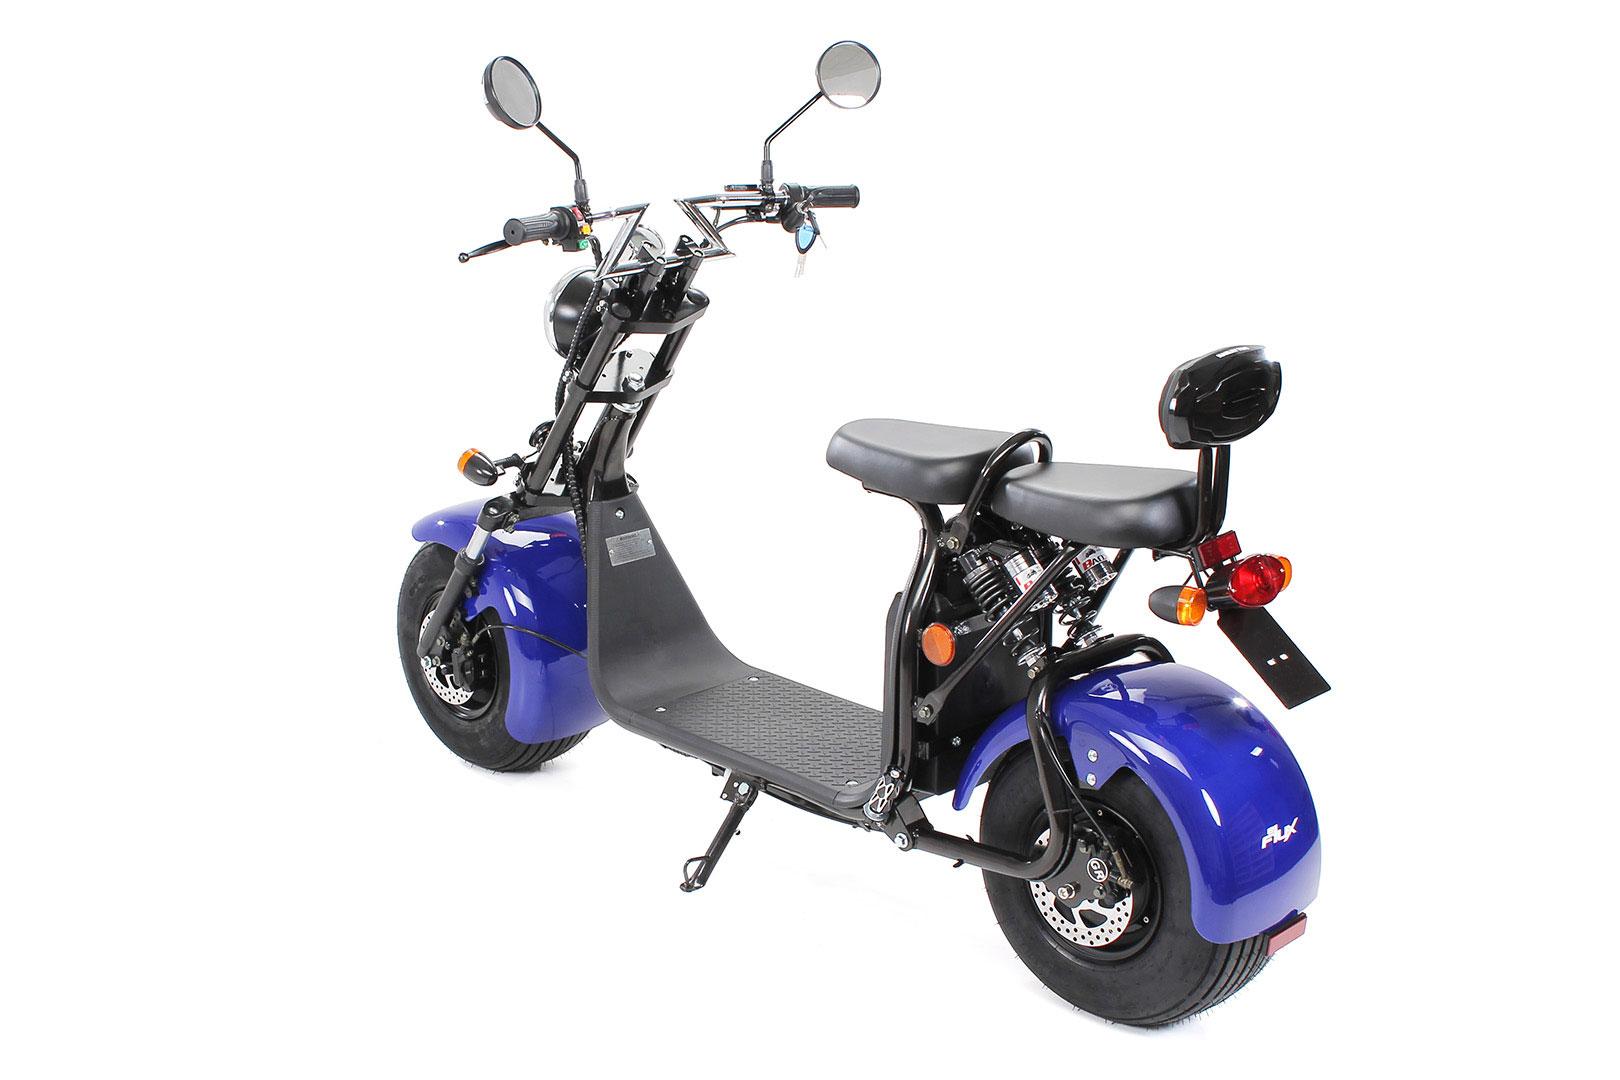 Elektroroller edi Chopper Harley Two 1500W blau Bild 5